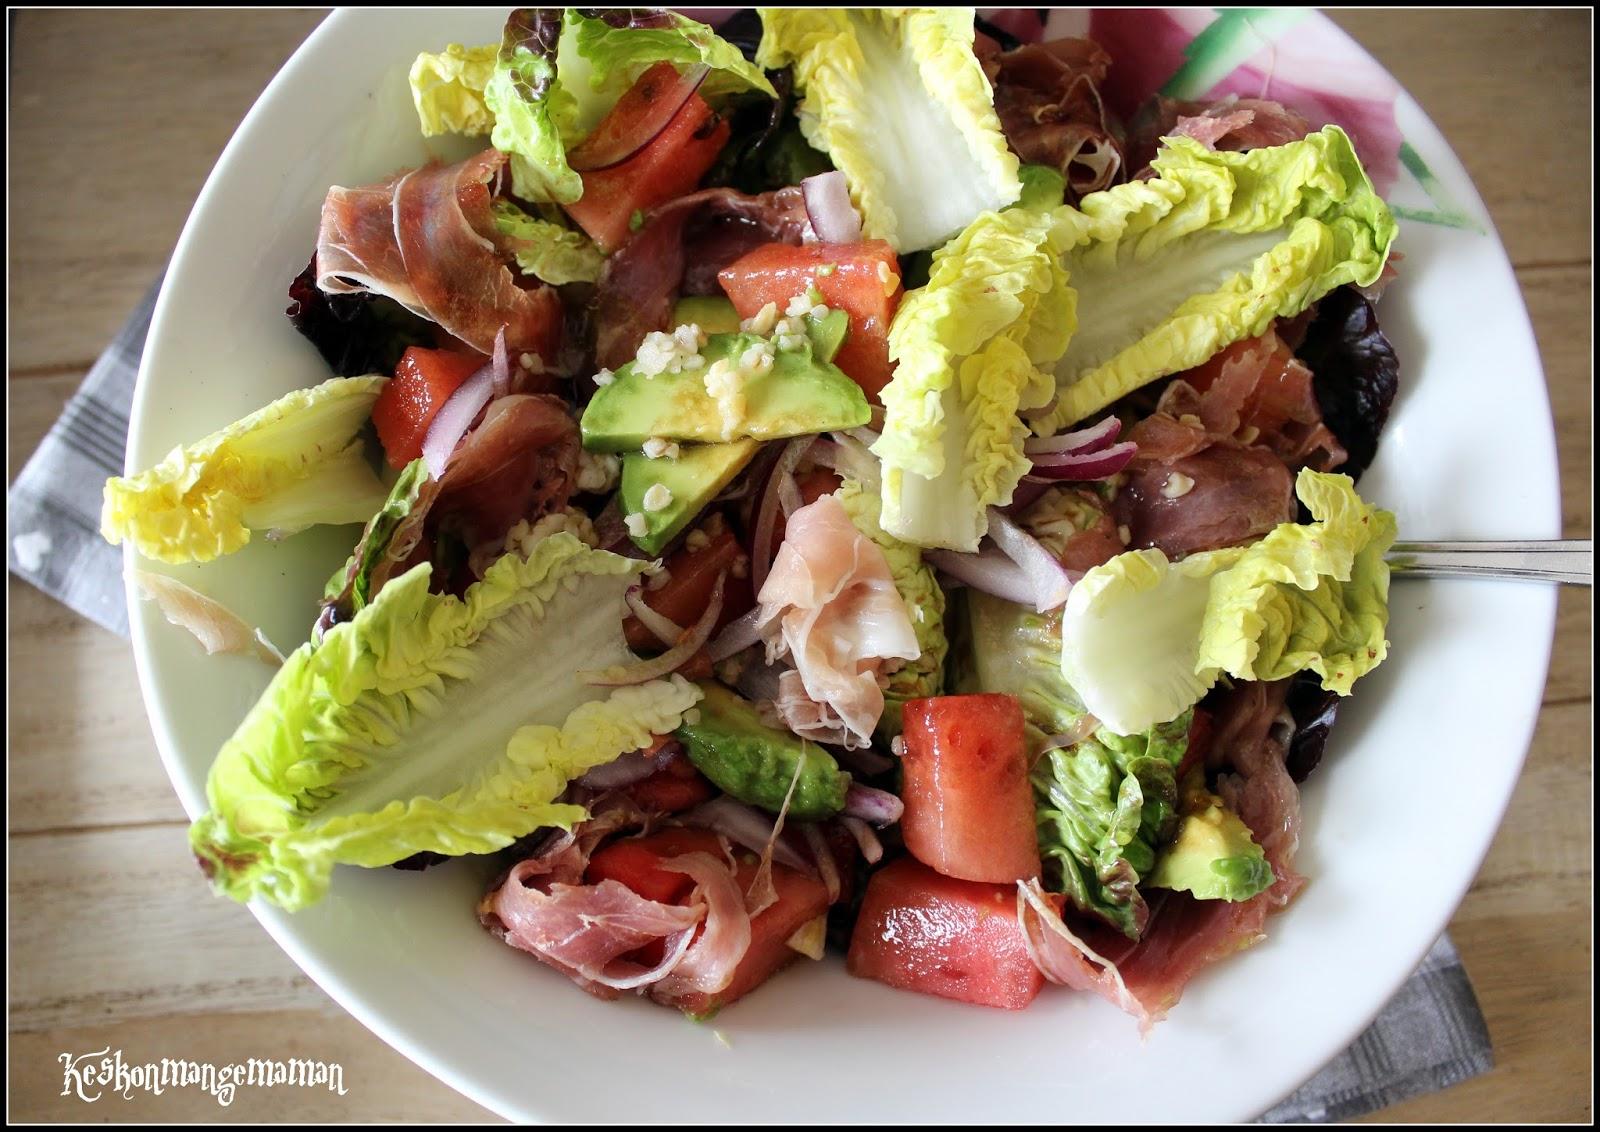 keskonmangemaman salade fraicheur au jambon de parme pour appropriez vous la recette 3. Black Bedroom Furniture Sets. Home Design Ideas